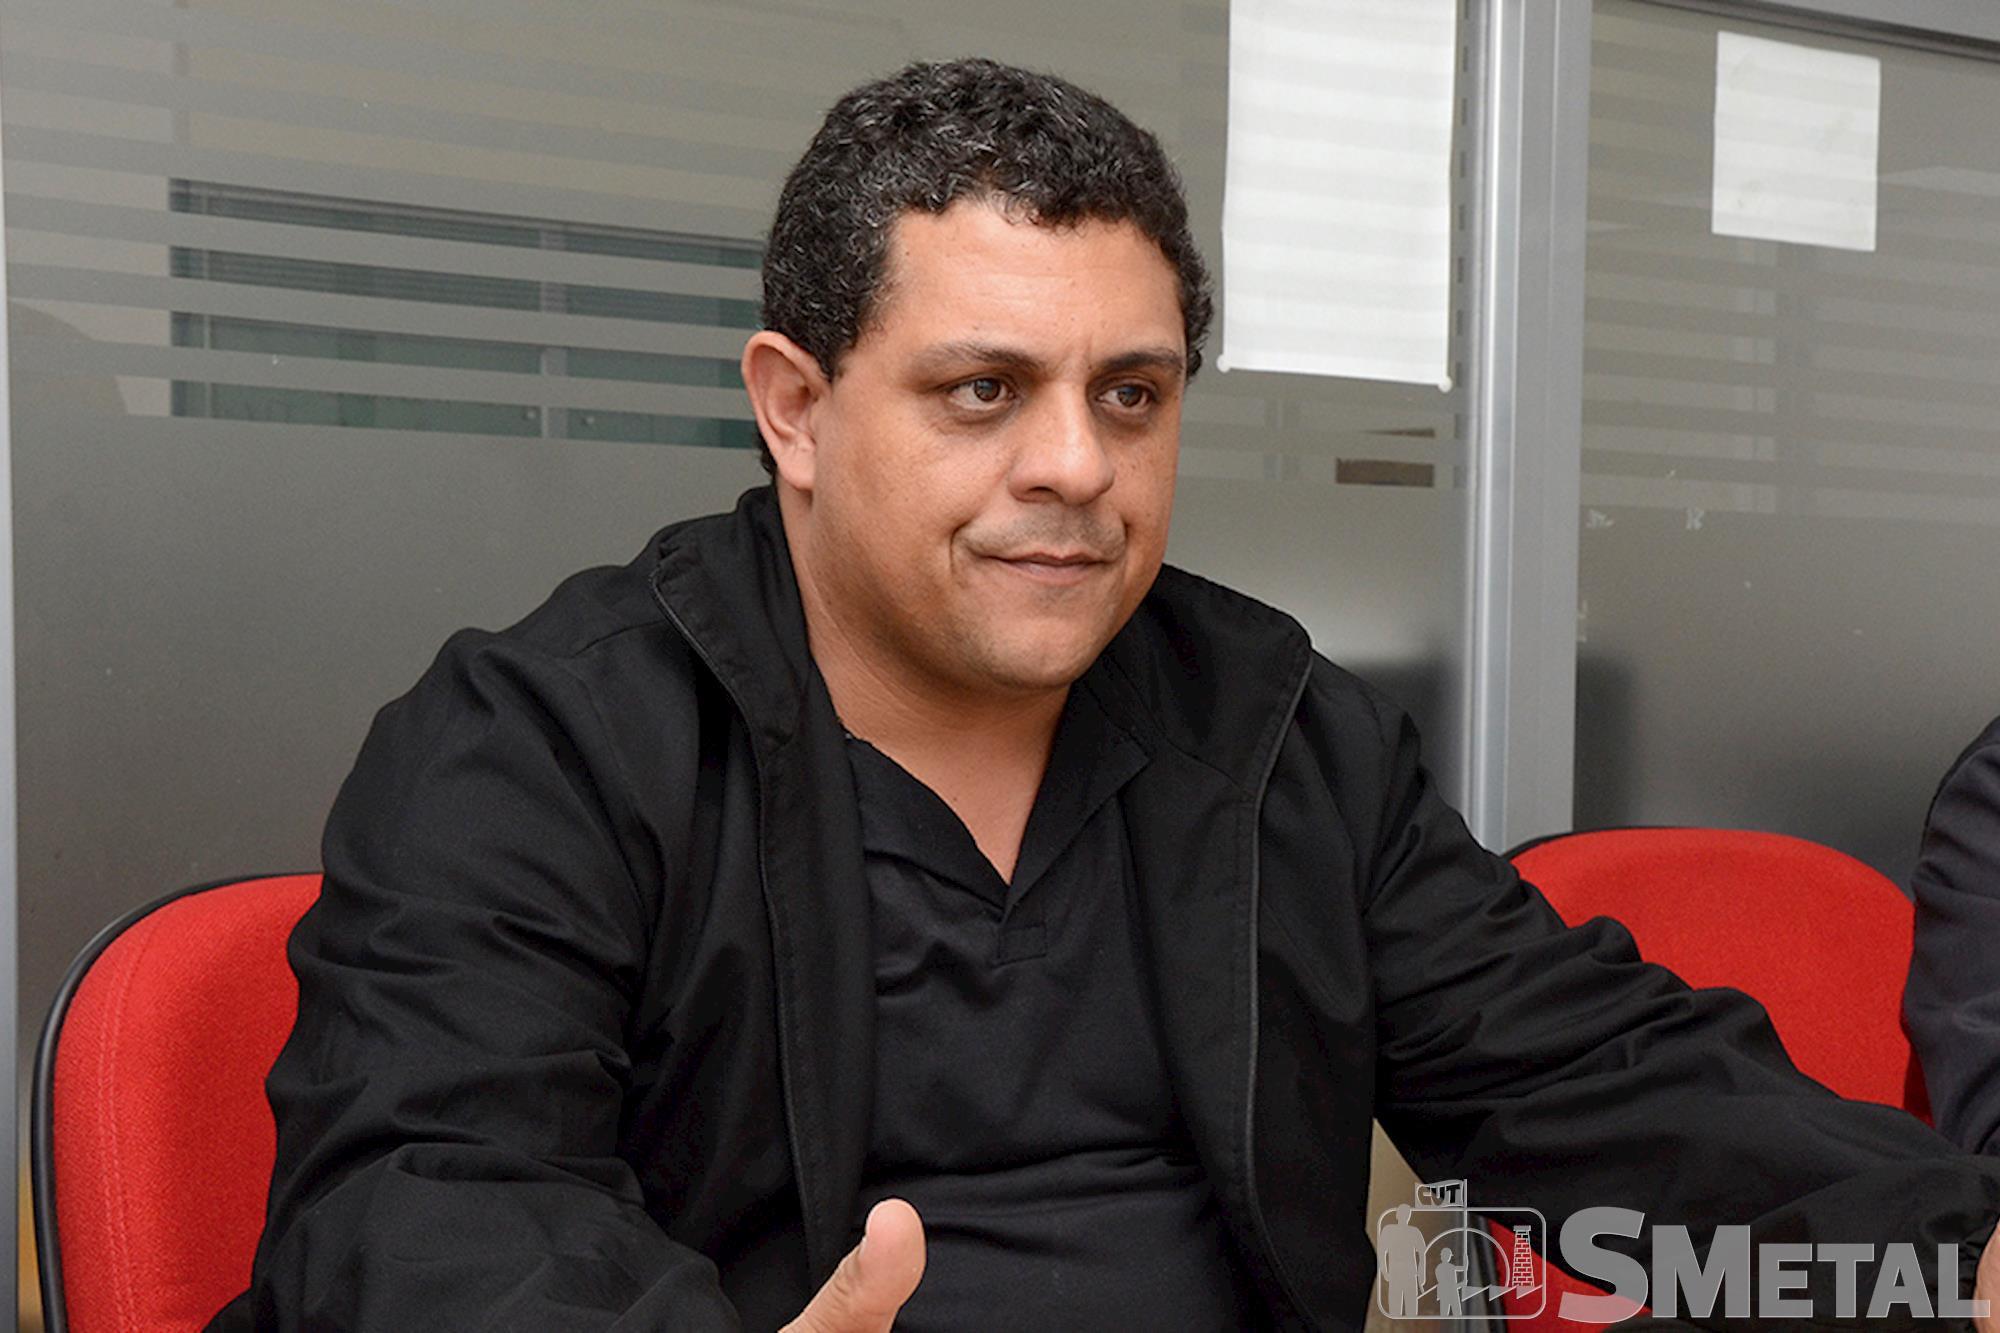 Diretor do Sifuspesp,  Adriano Rodrigues dos Santos, Sistema prisional: um drama de toda a sociedade